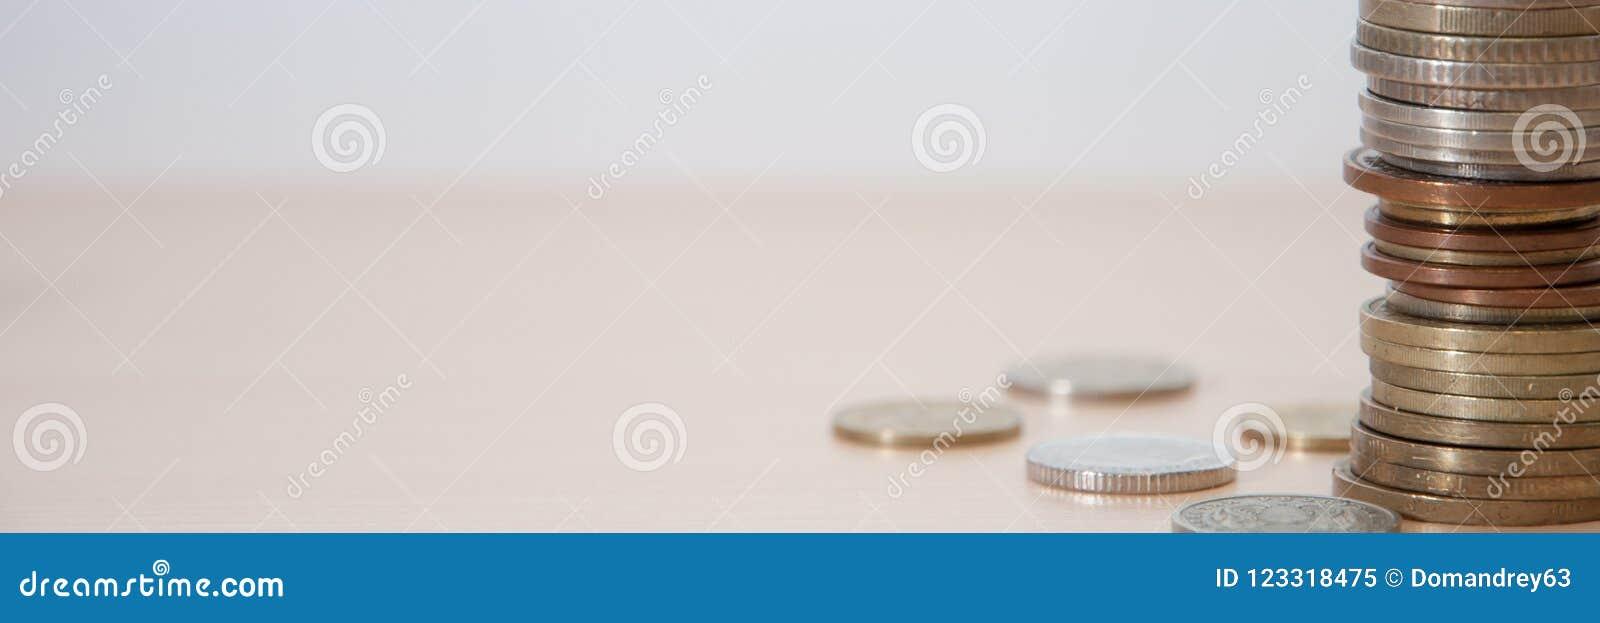 Νομίσματα των διαφορετικών χωρών και των διαφορετικών πλεονεκτημάτων και των χρωμάτων στον πίνακα